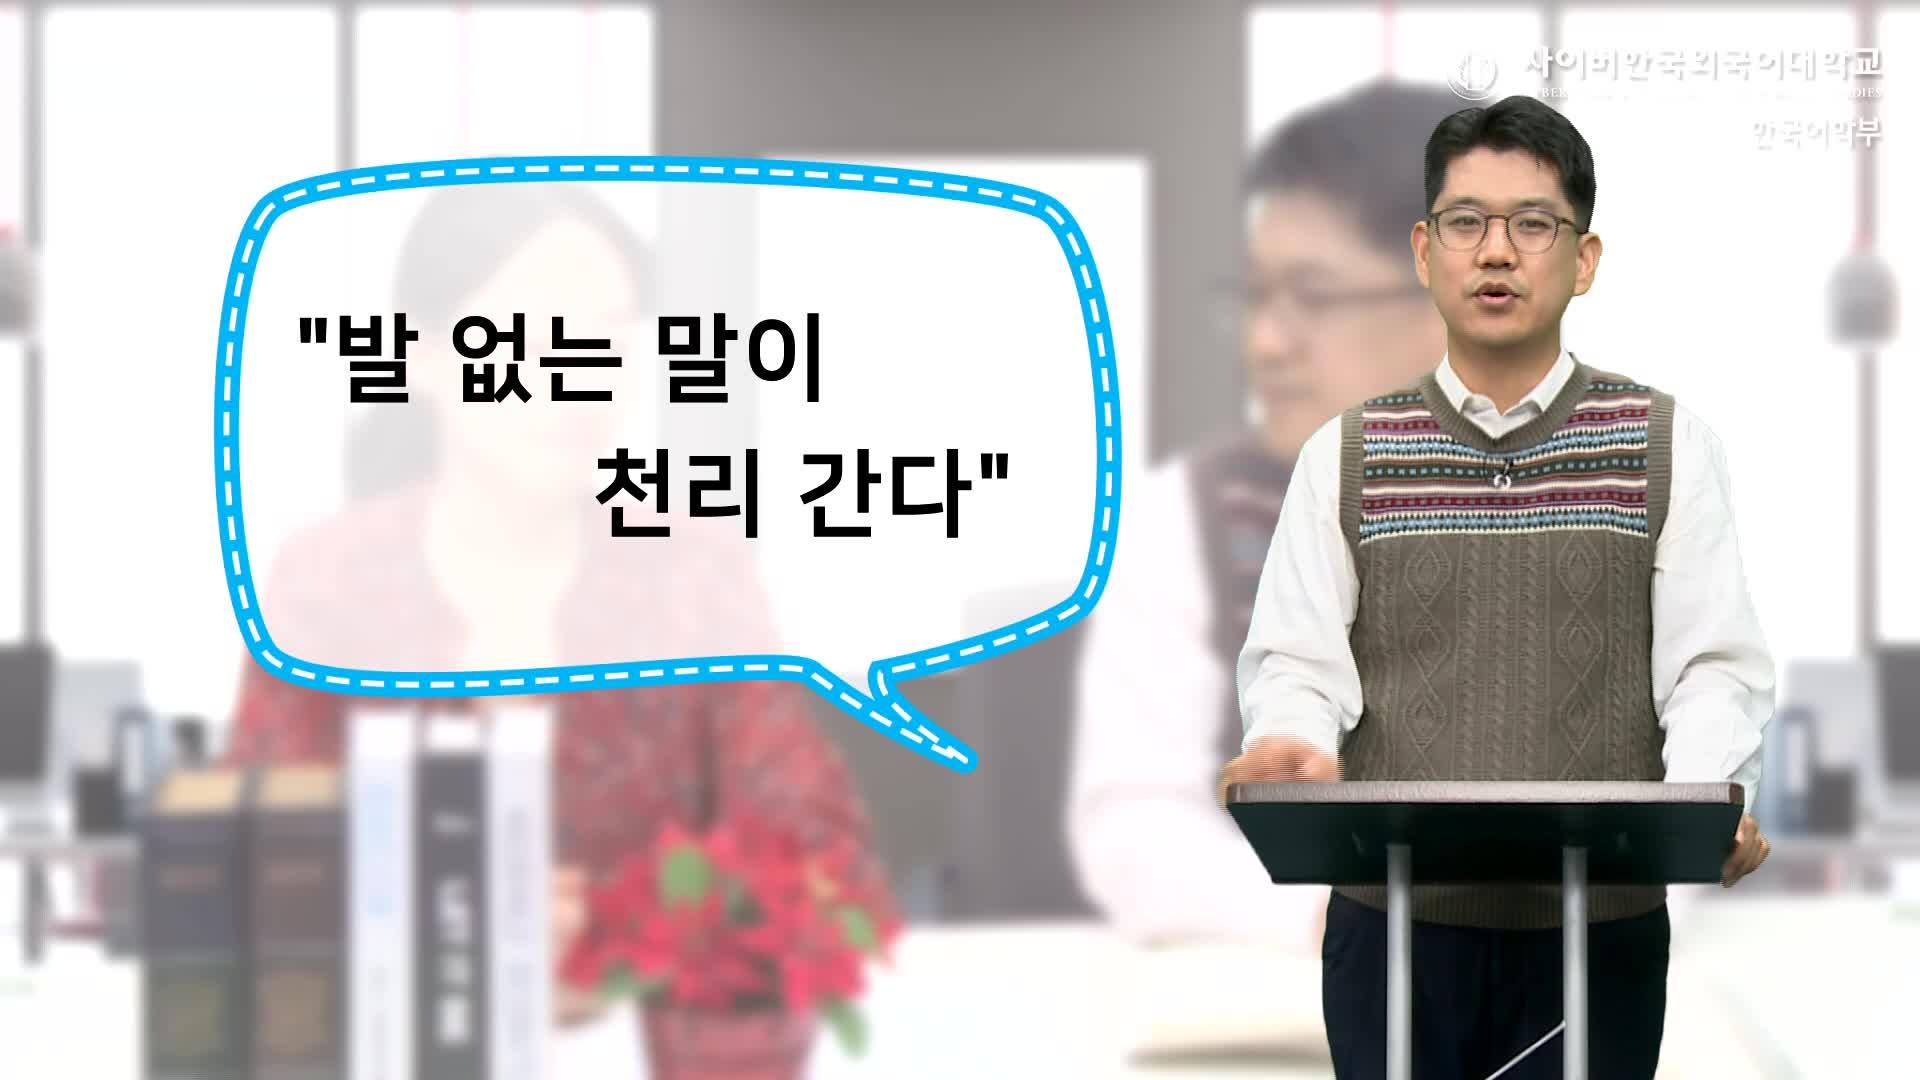 [Tục ngữ Hàn Quốc] Ep 12. <발 없는 말이 천리 간다>. 출처: 사이버한국외국어대학교